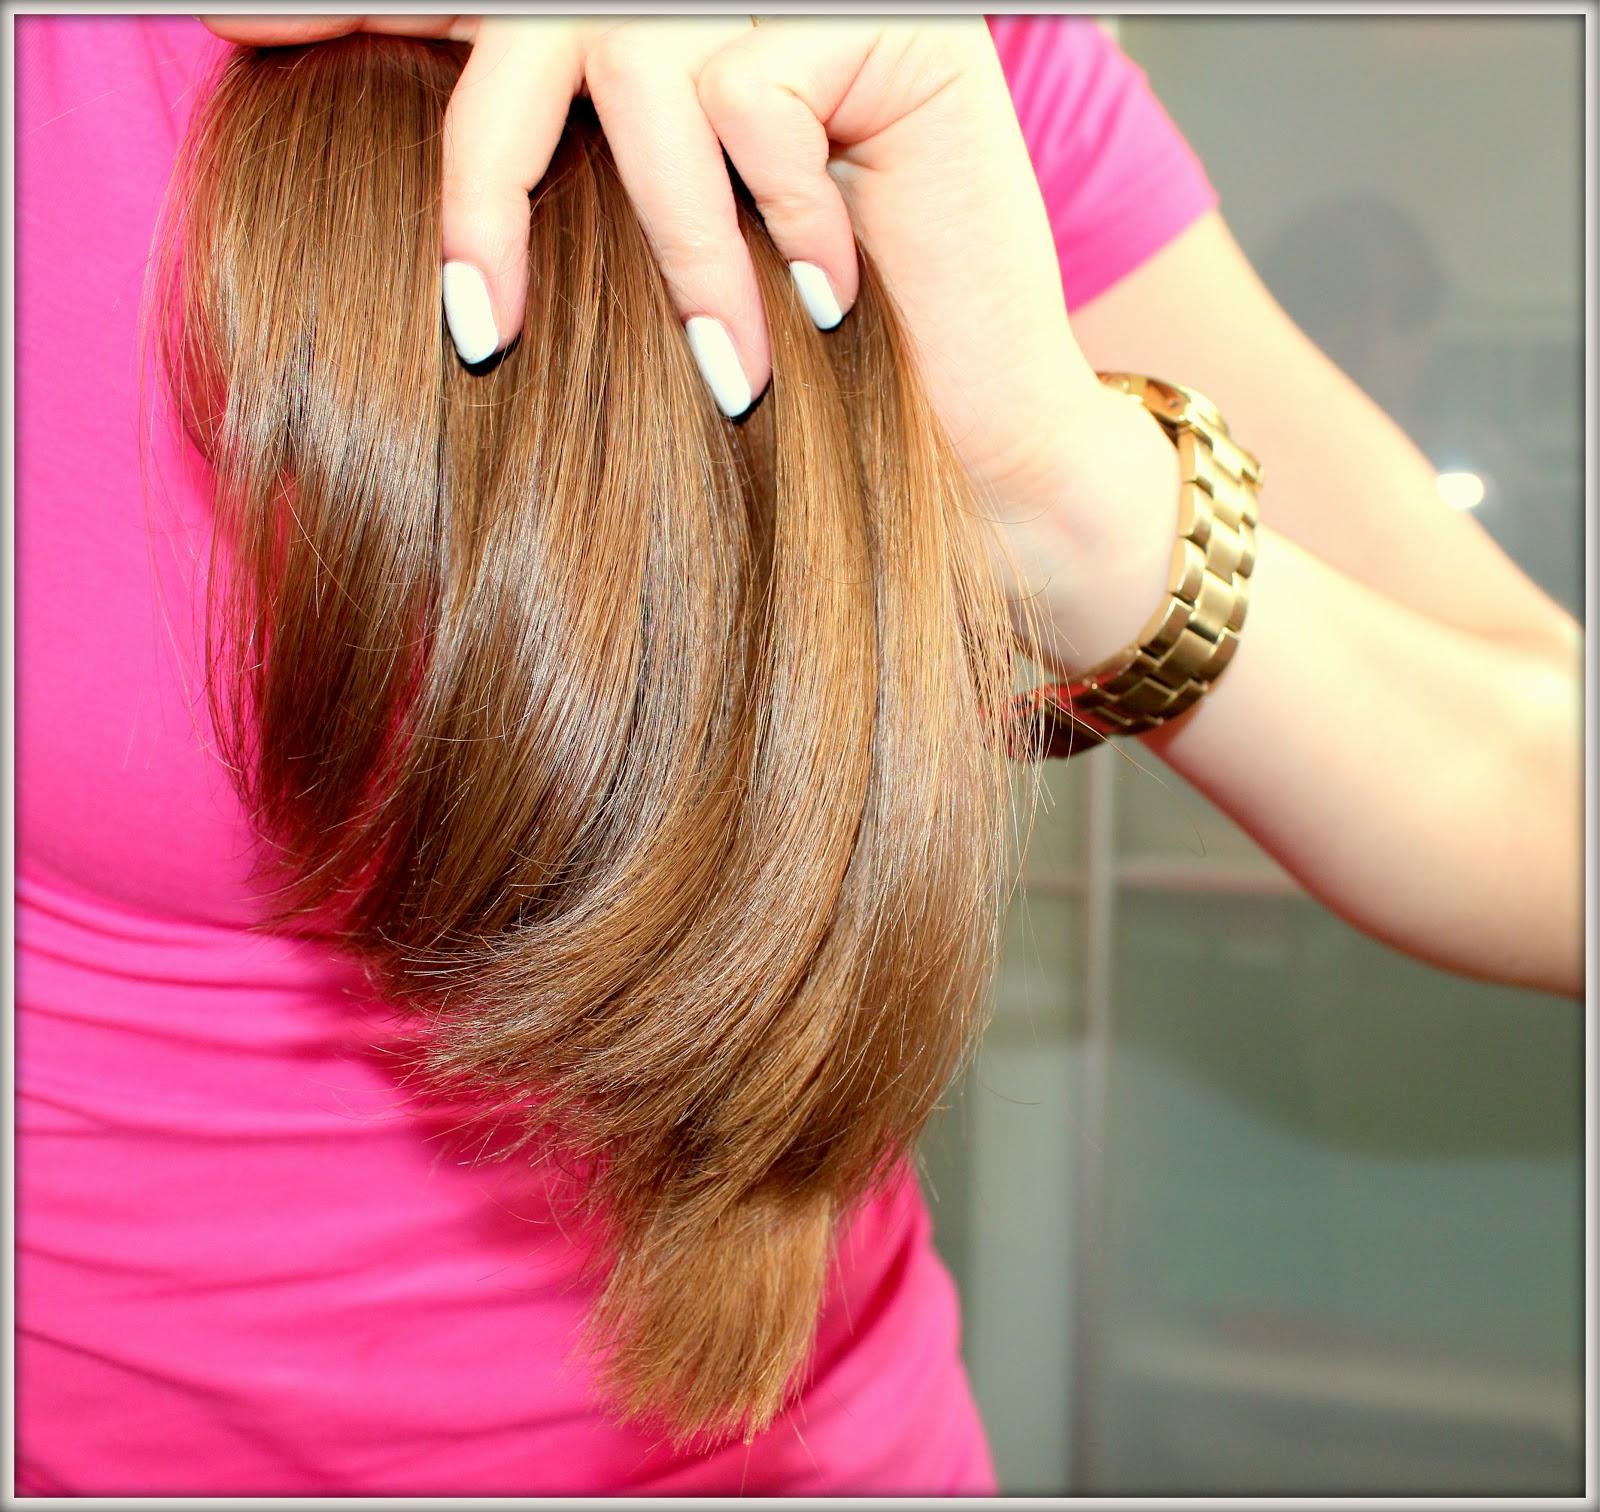 Чем мыть волосы чтобы волосы не жирнели? 10 советов 99